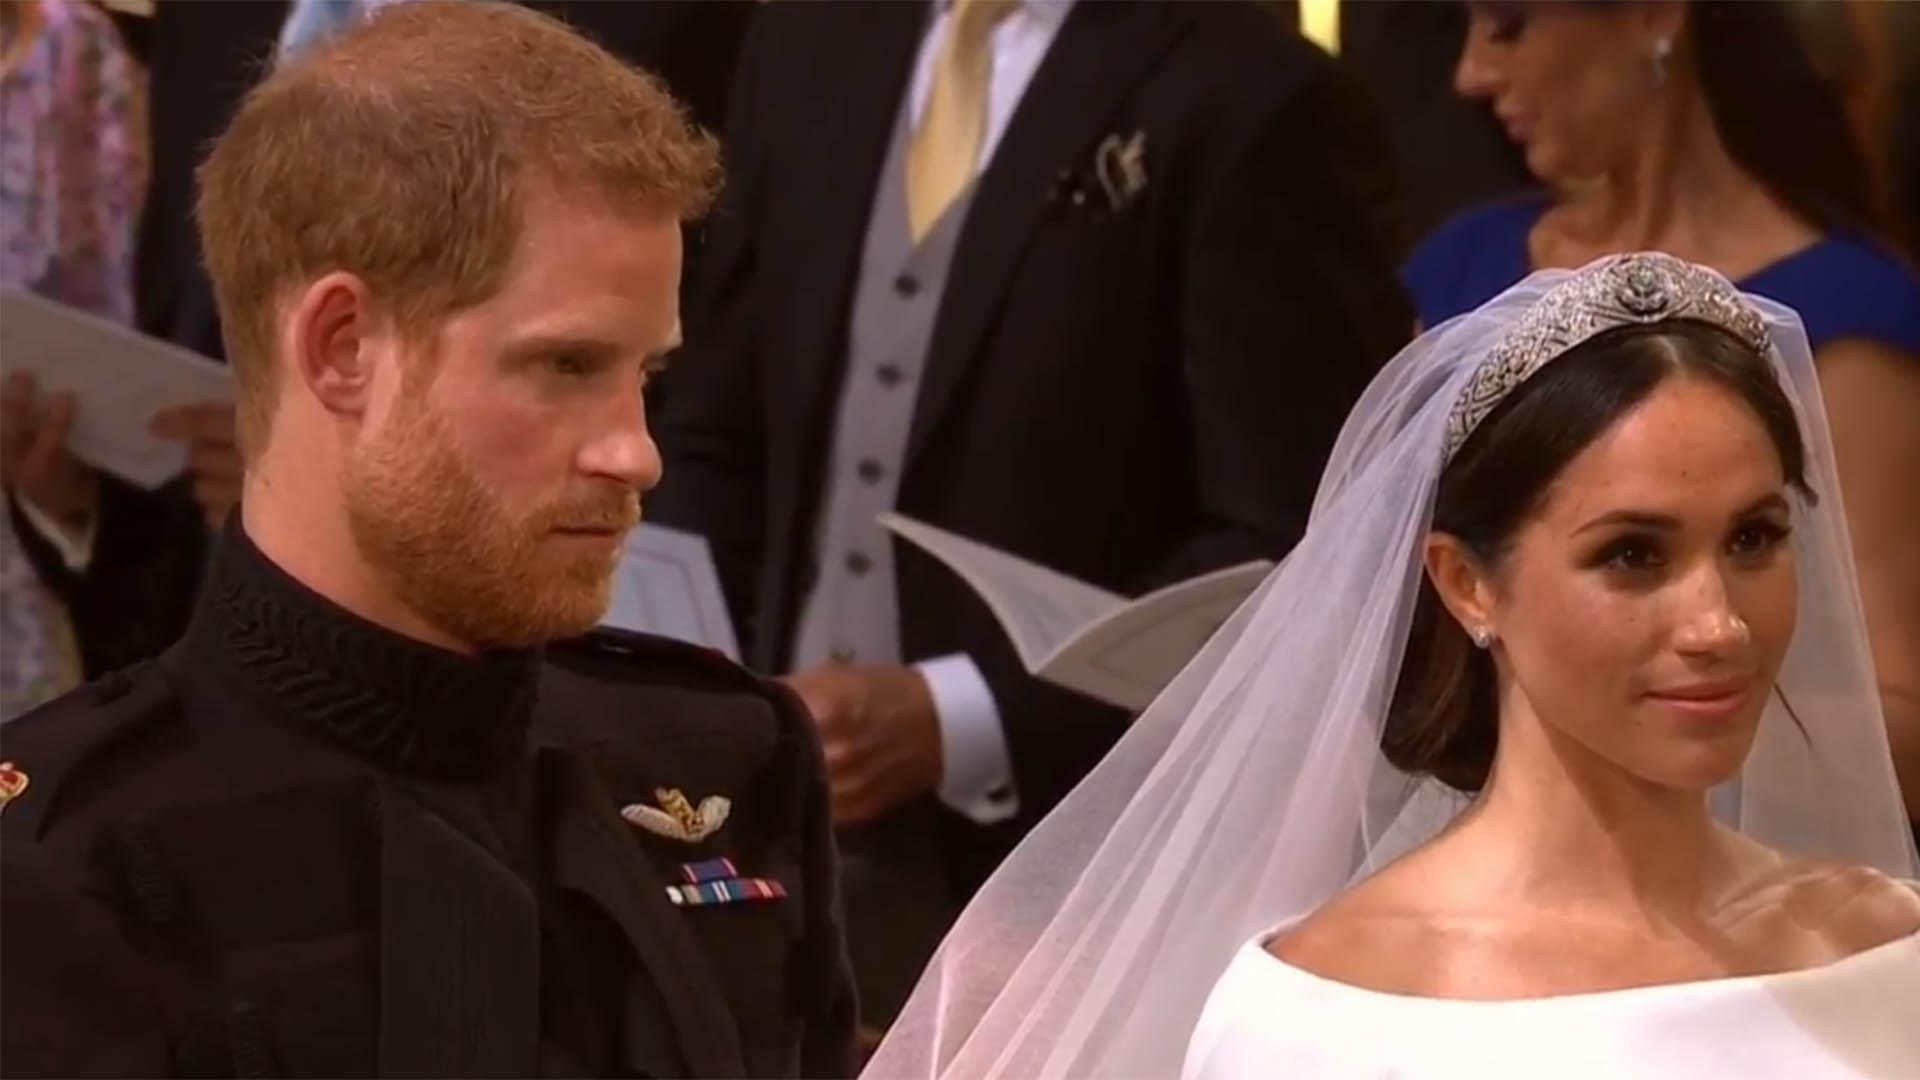 """La actriz norteamericana no será princesa de acuerdo con los estatutos de la realeza. Sin embargo, recibirá tratamiento de """"Su Alteza Real"""" y la reina Isabel le concederá un ducado de Sussex que está vacante 1843"""